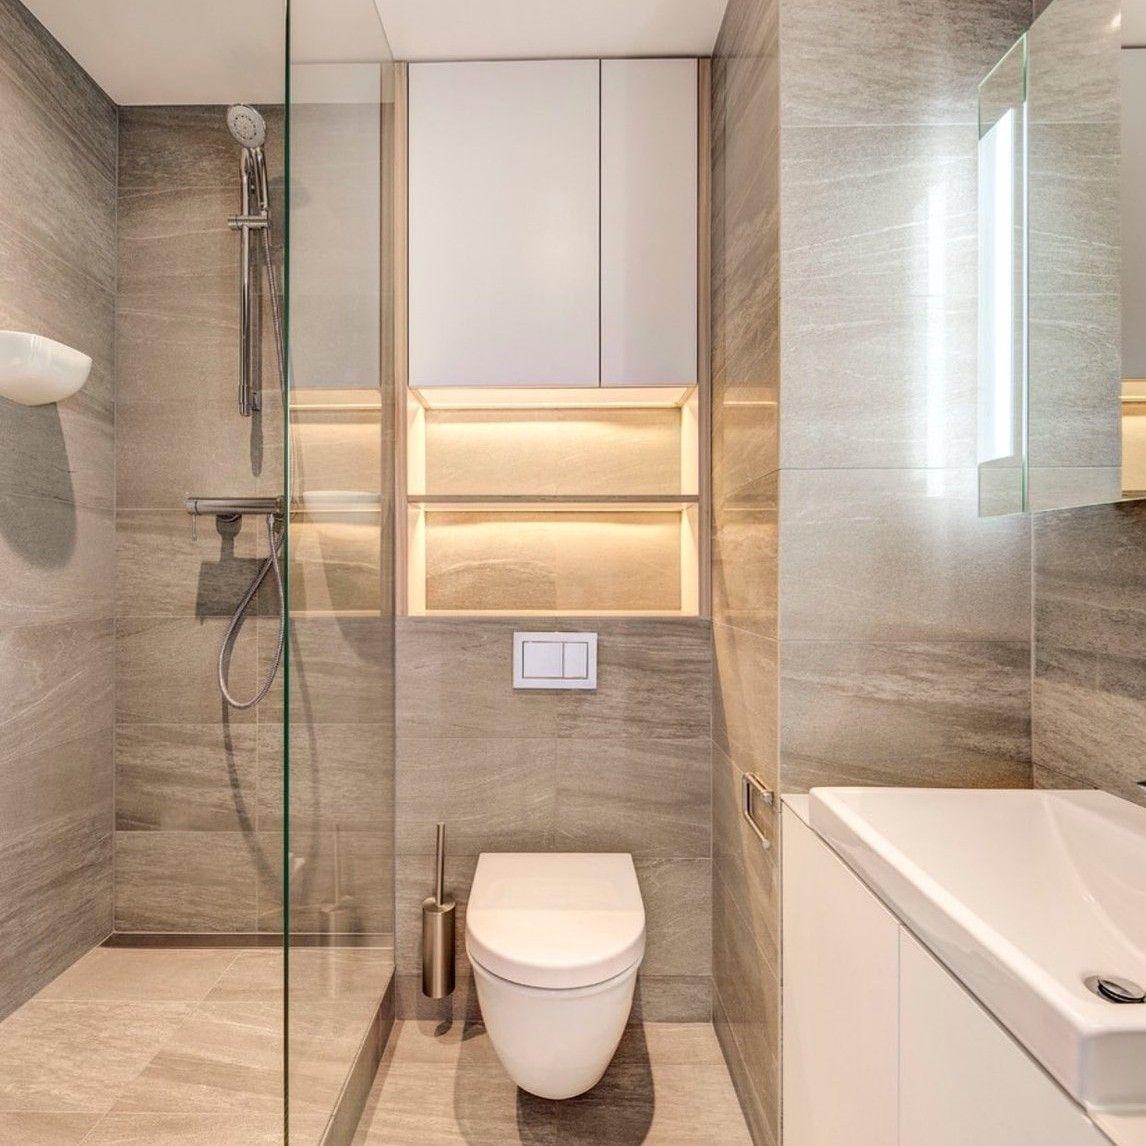 Pin By Amg Amg On Bathroom Bathroom Layout Bathroom Model Pantry Design